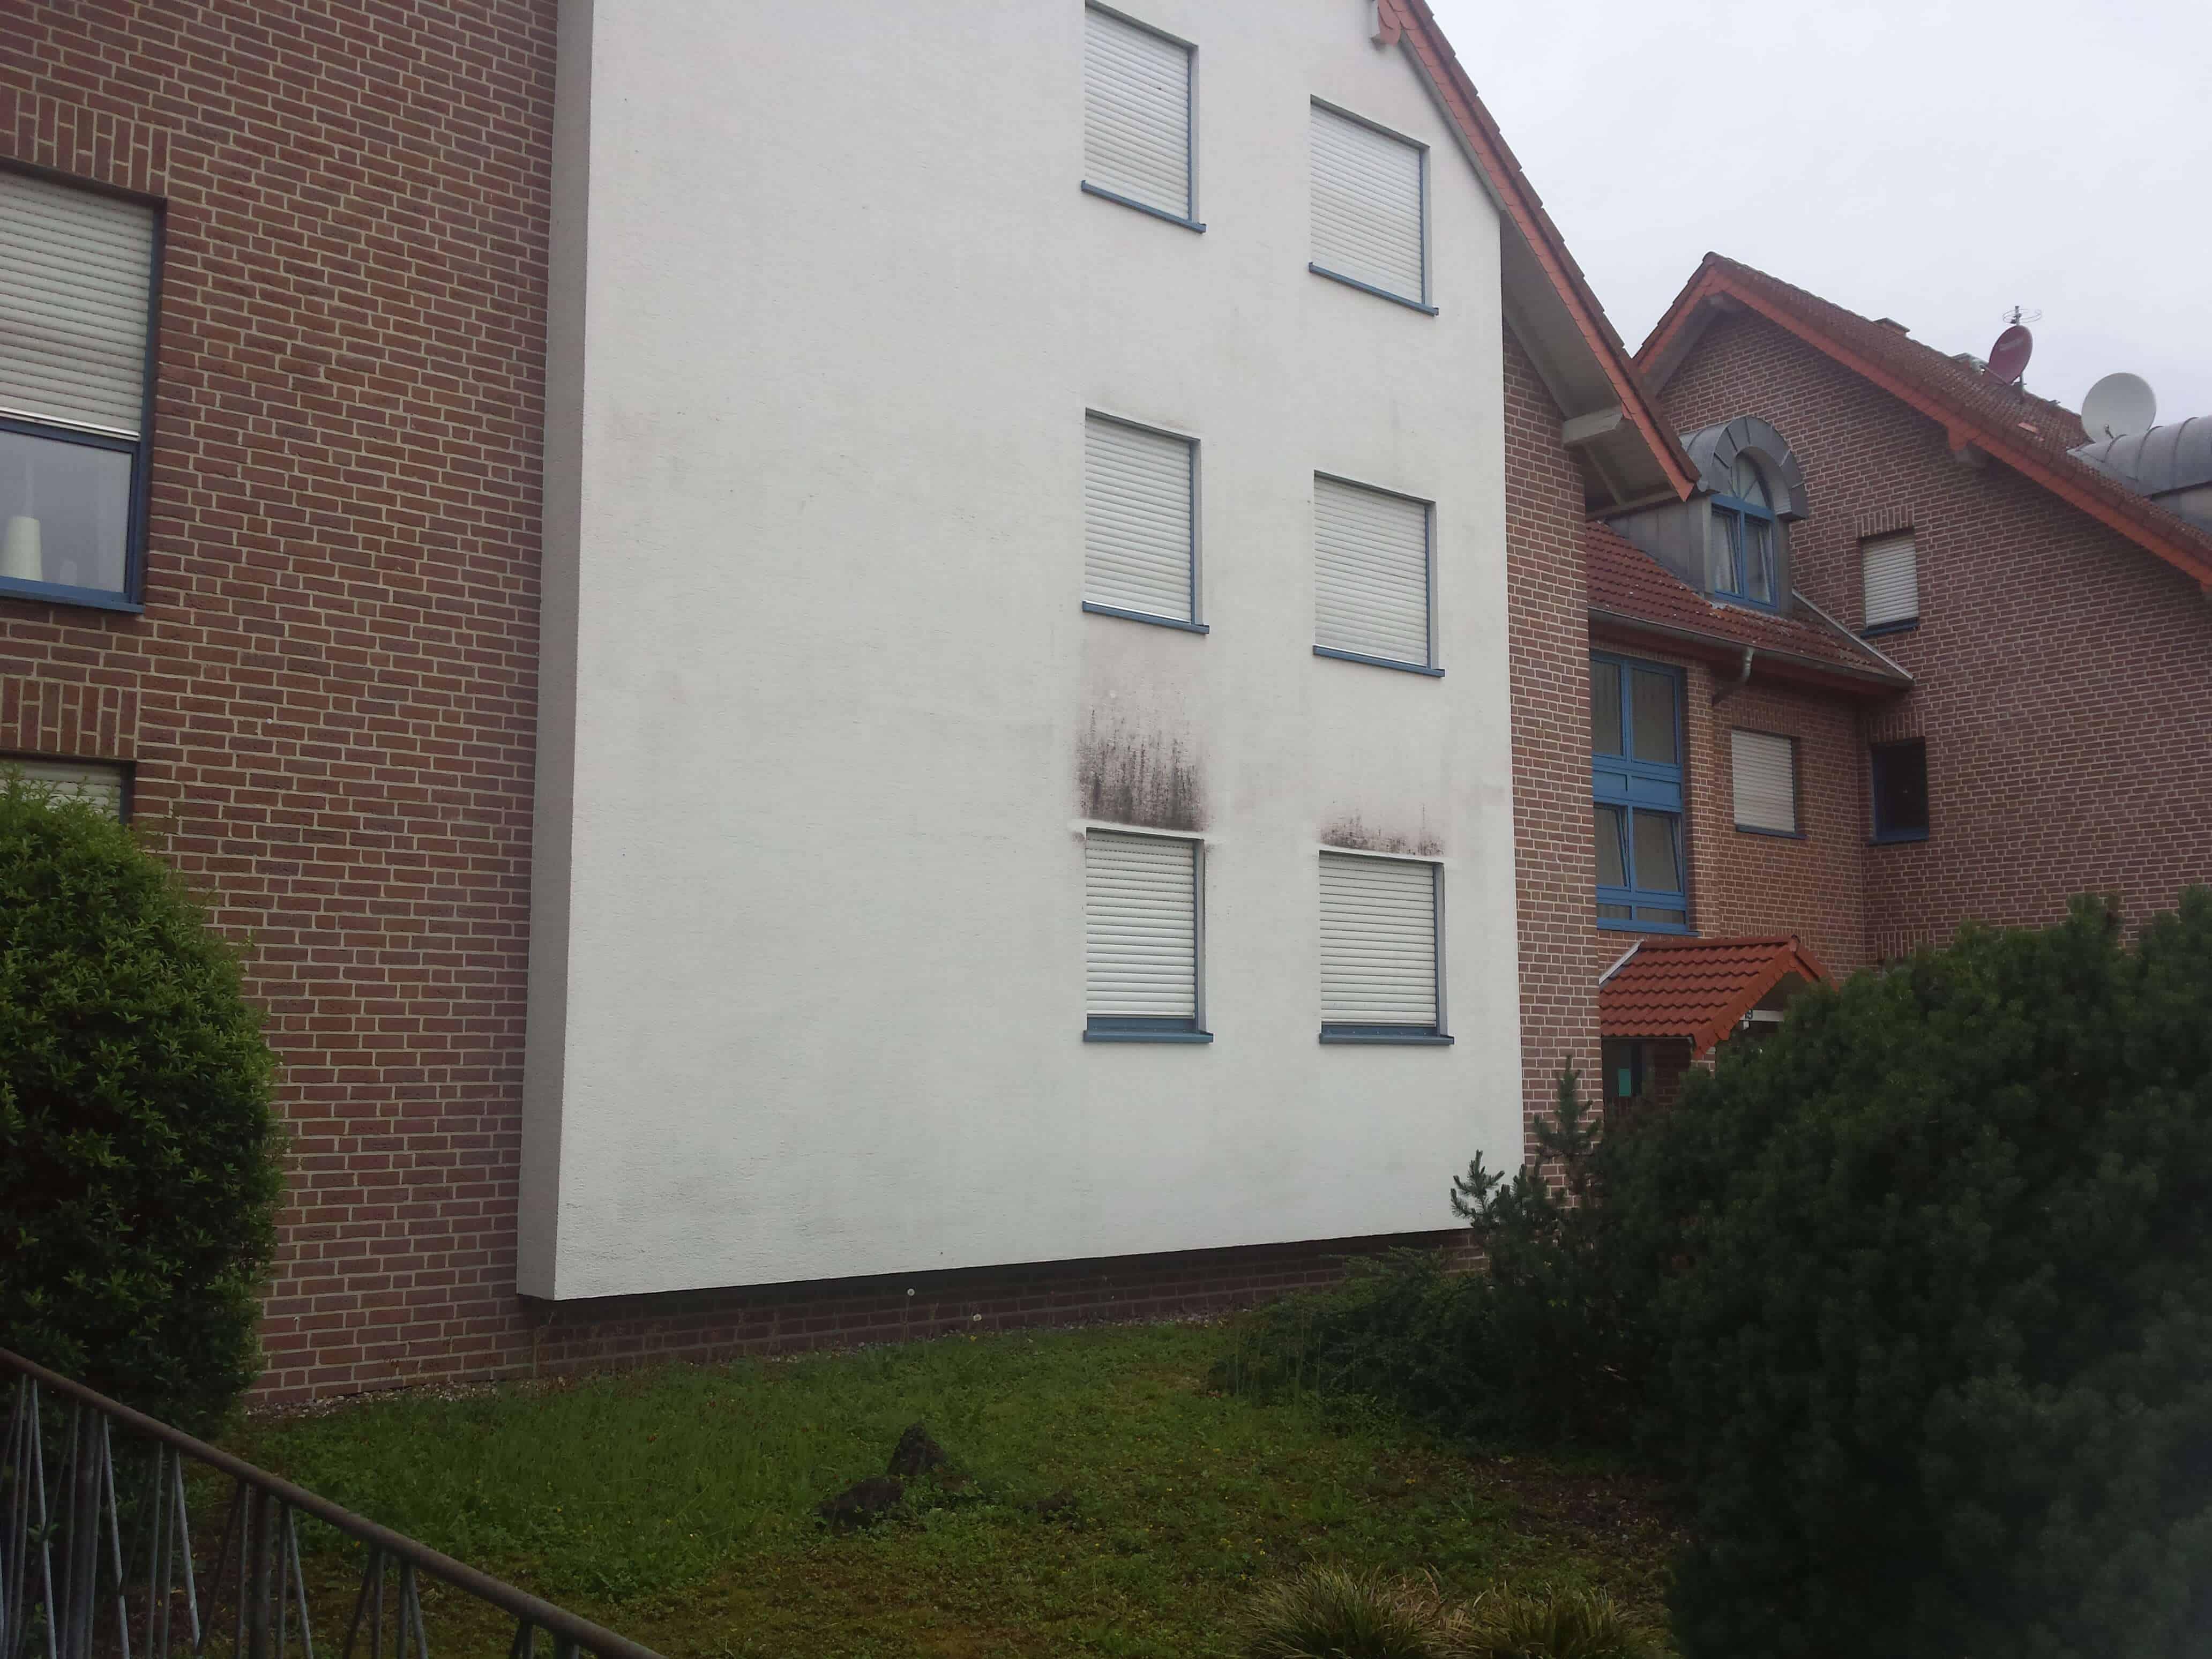 Schwarzalgen sind oft über dem Fenster können aber leicht gereinigt werden.